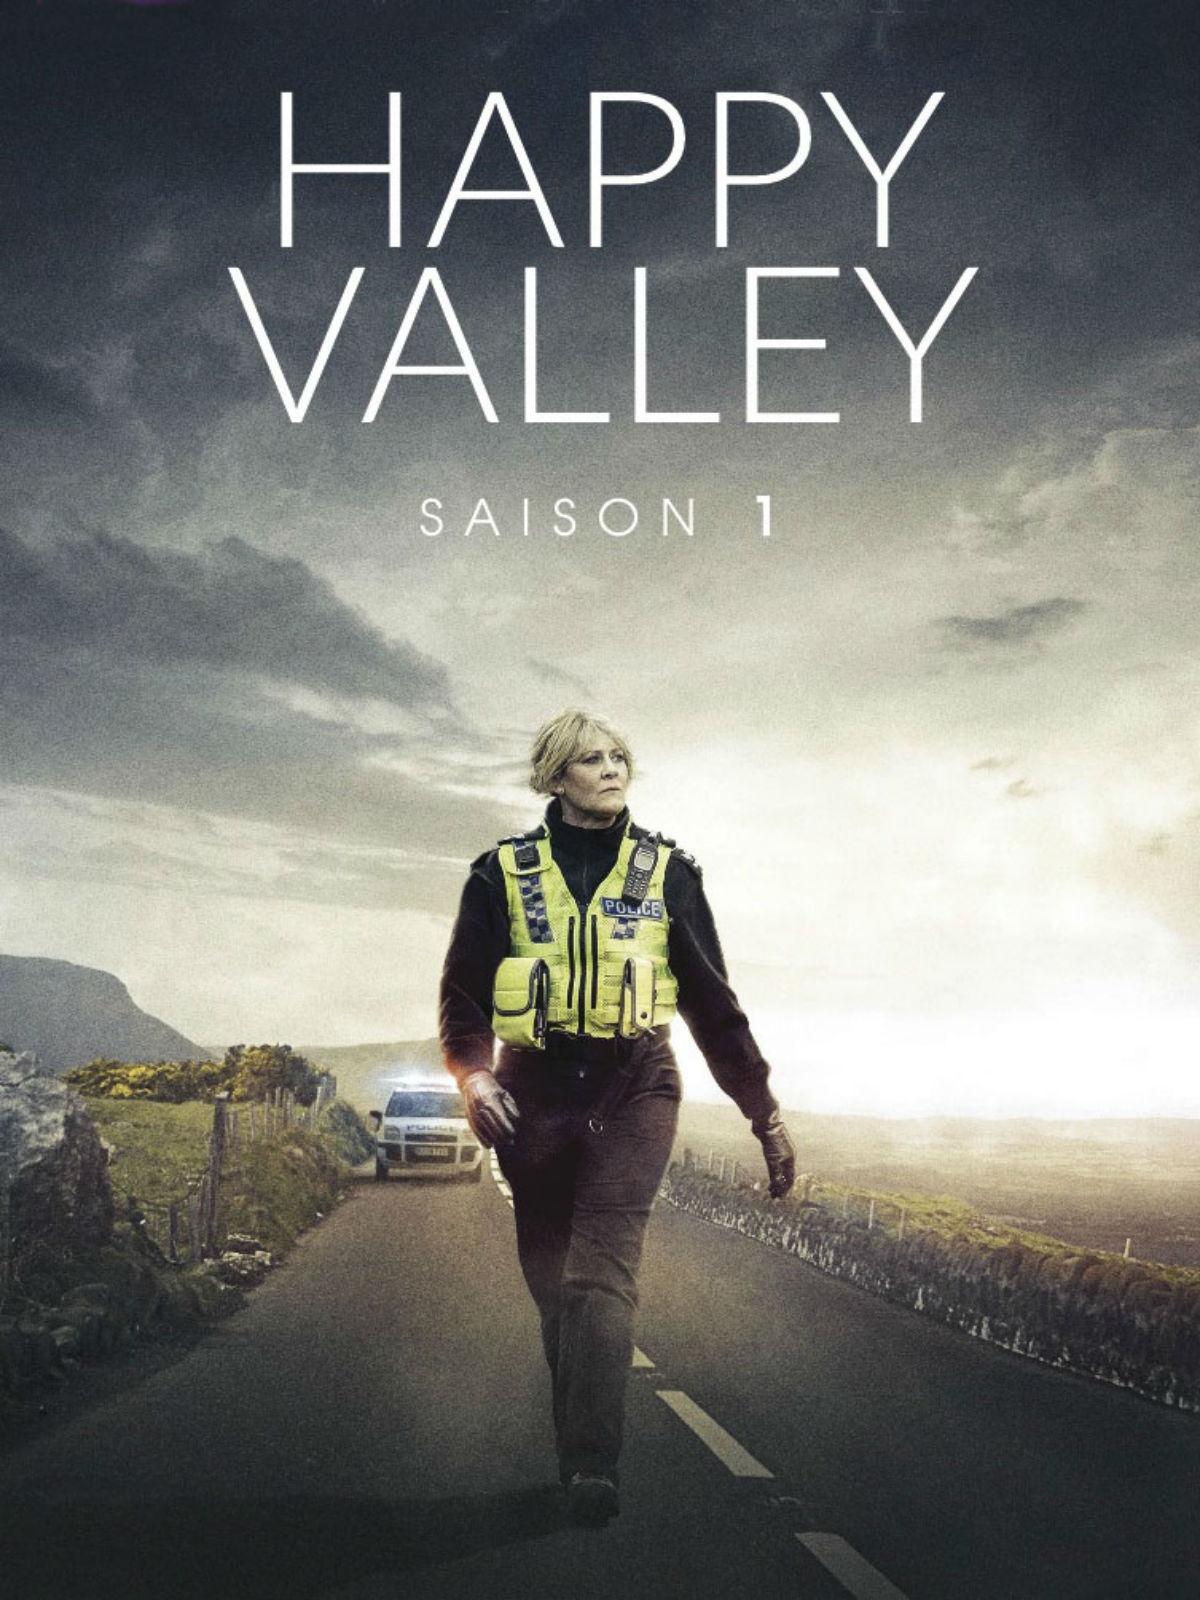 Happy Valley Season 3: Release Date, Cast, New Season...